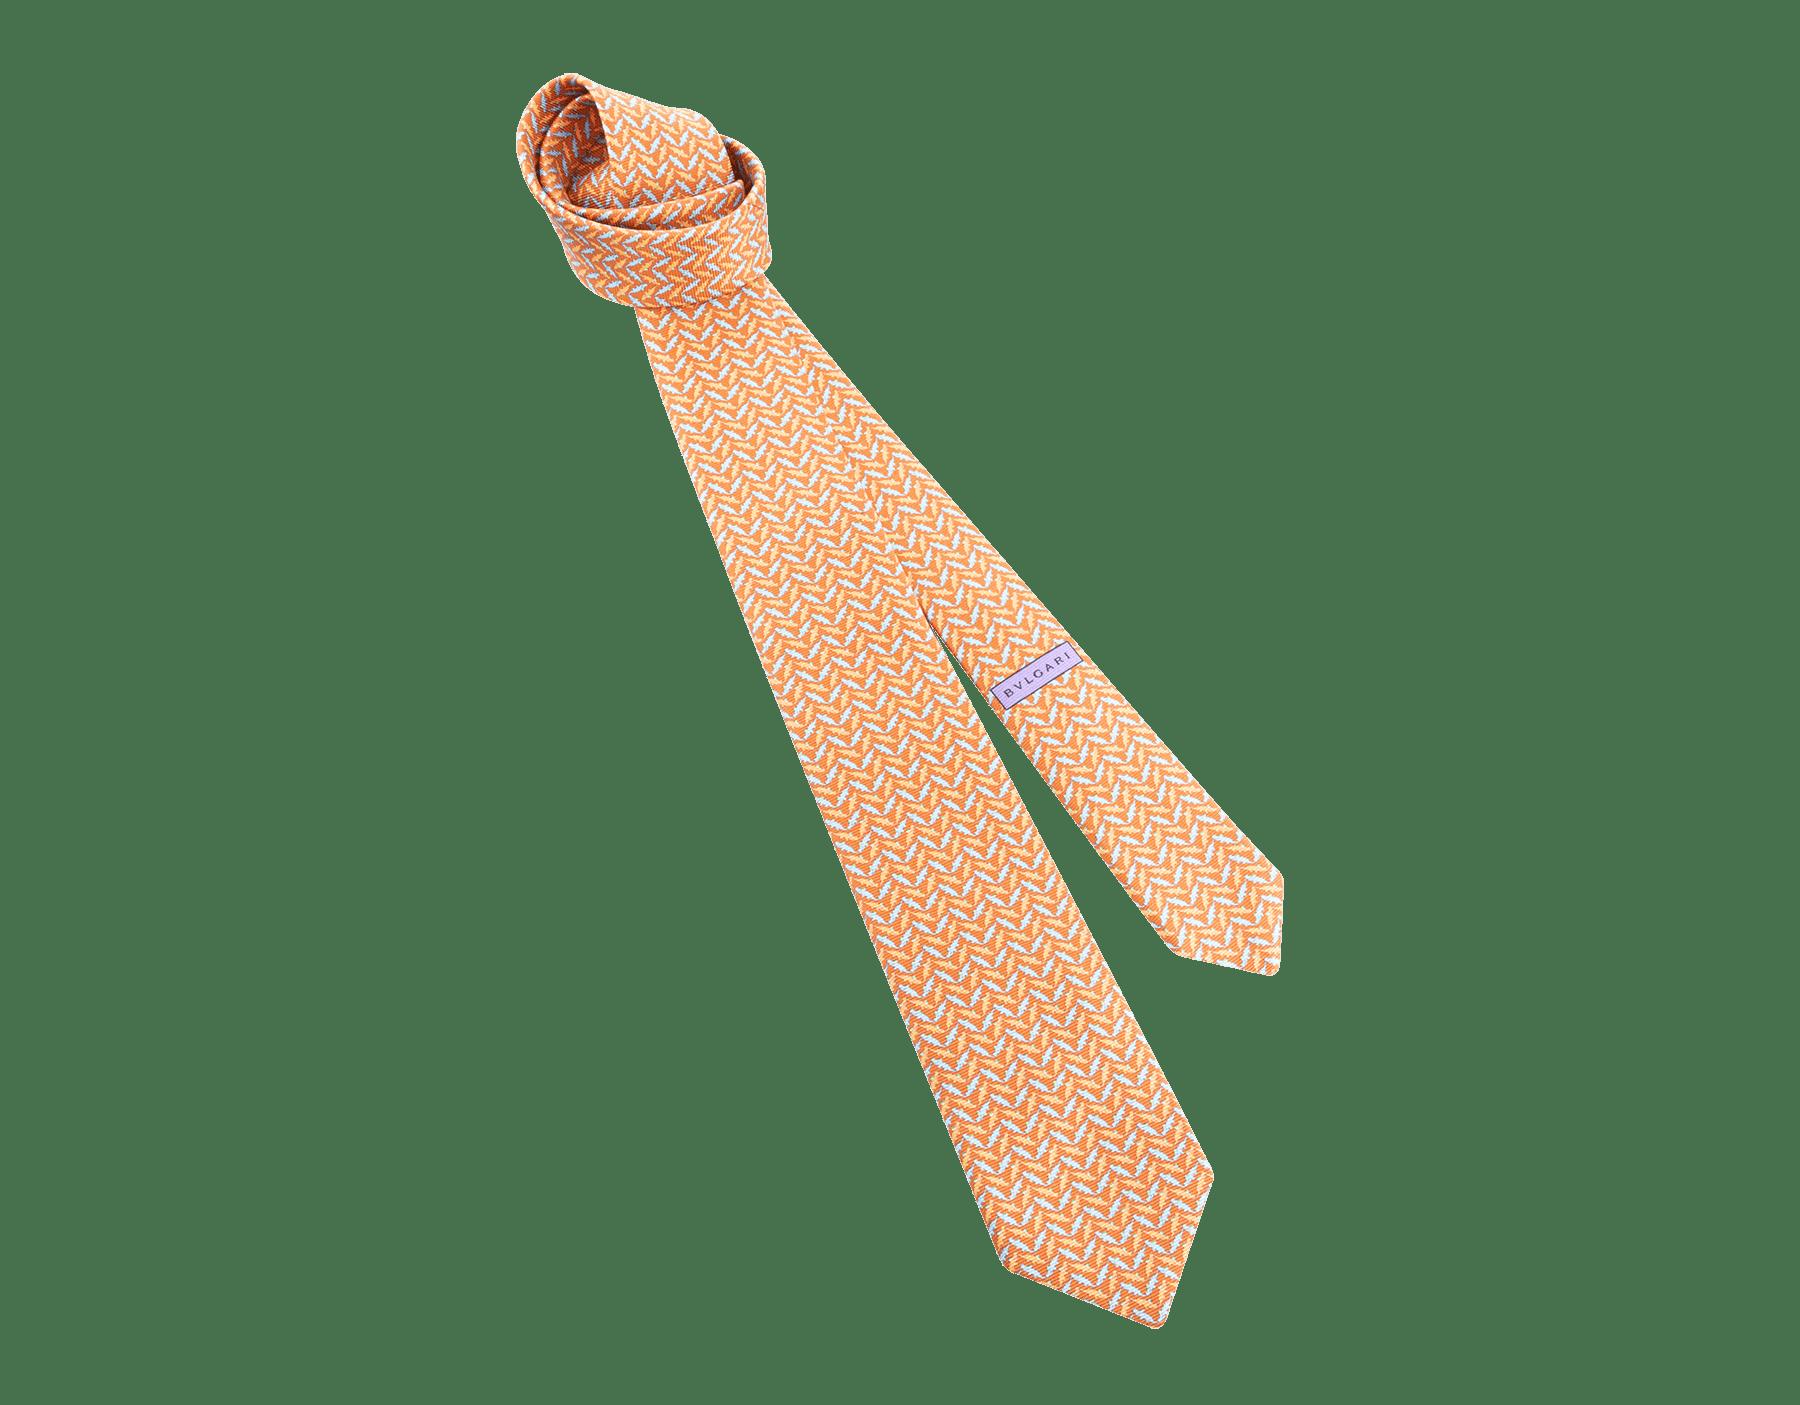 """Siebenfach gefaltete orangefarbene Krawatte mit """"Cocco Chevron""""-Muster aus feiner bedruckter Saglione-Seide. 244092 image 1"""